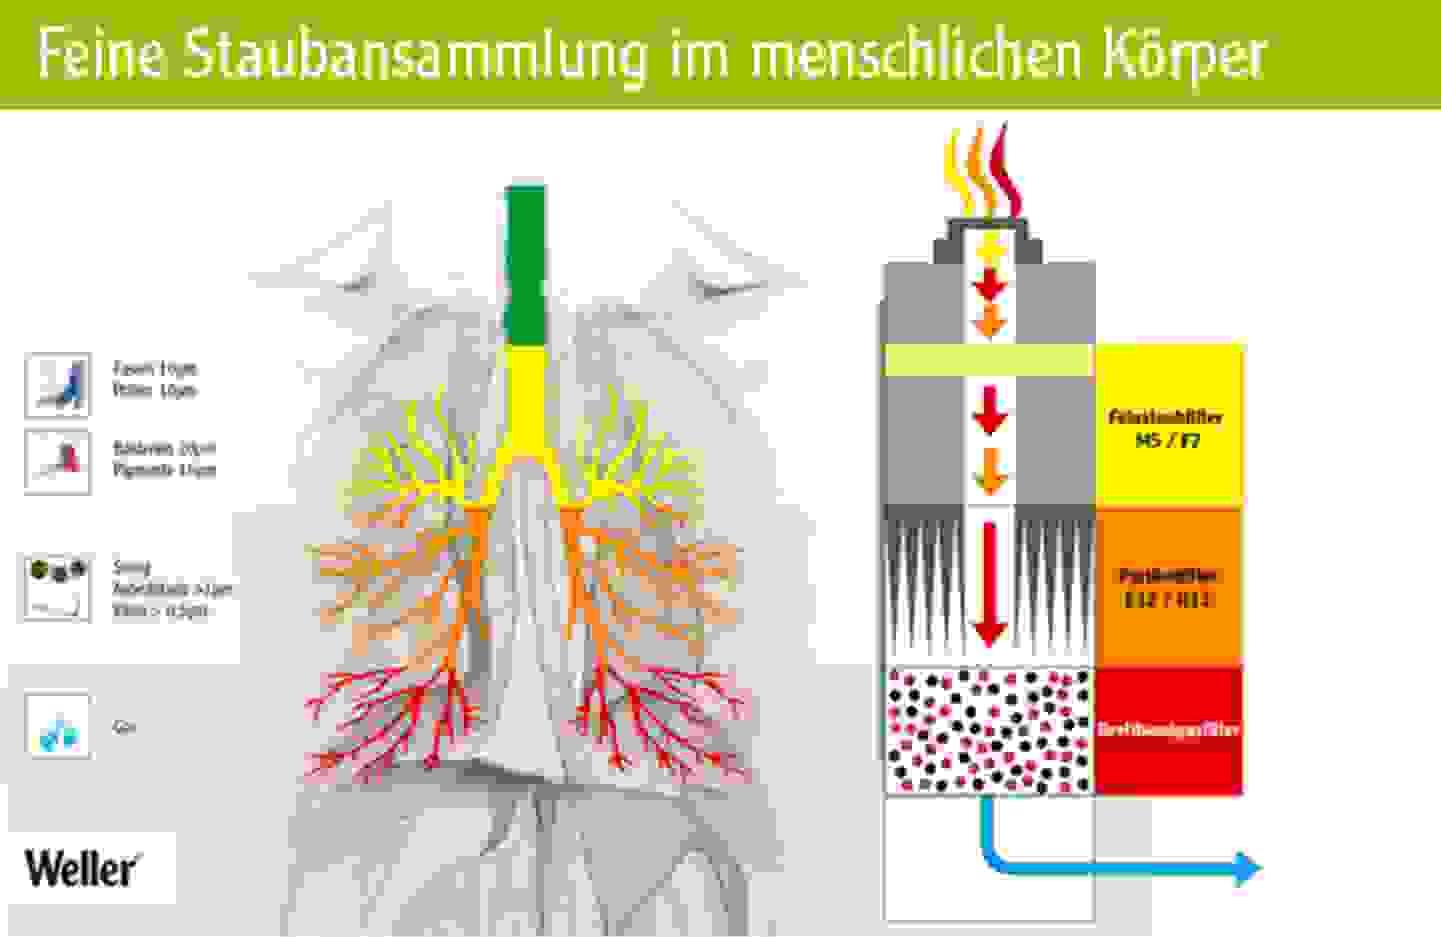 Feine Staubansammlung im menschlichen Körper